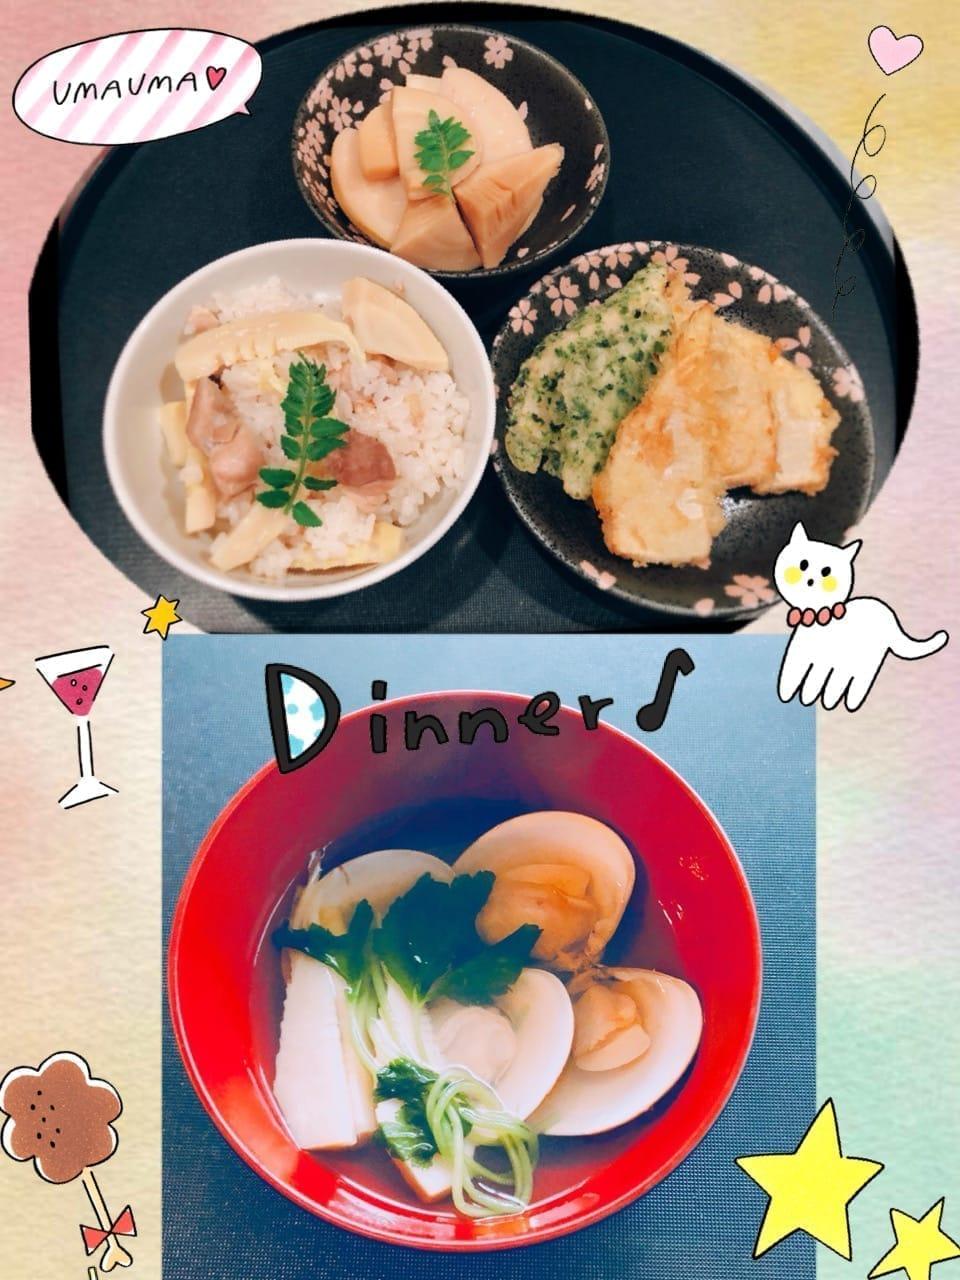 「春の食卓o(^-^)o」04/22(日) 07:55 | 稲本(いなもと)の写メ・風俗動画